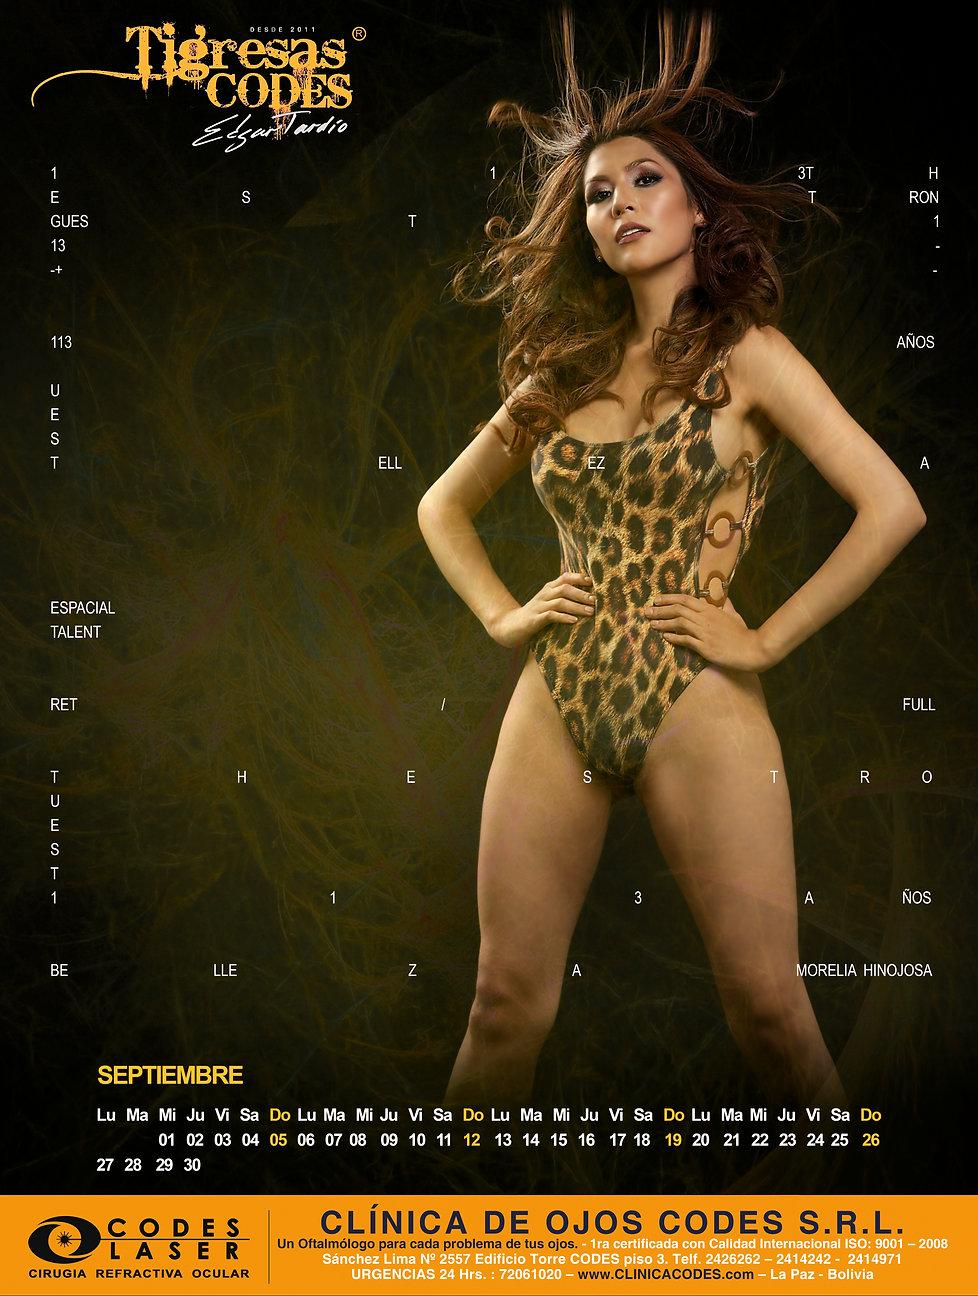 7 calendario 2021-22 SEPTIEMBRE MORELIA.